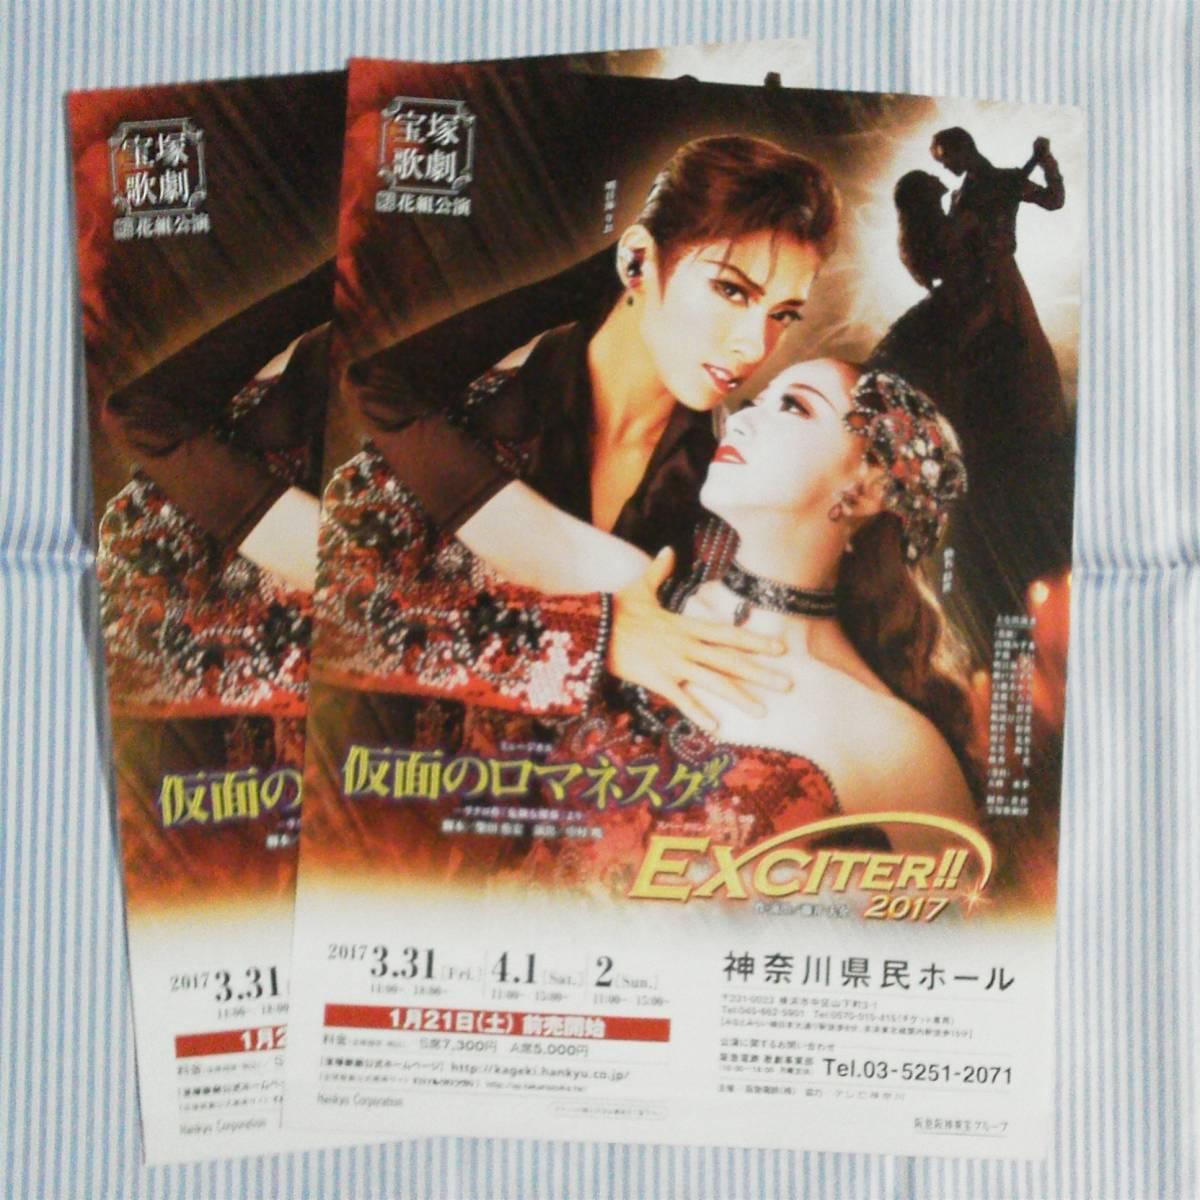 宝塚歌劇 チラシ 花組 明日海りお 仮面のロマネスク 2枚